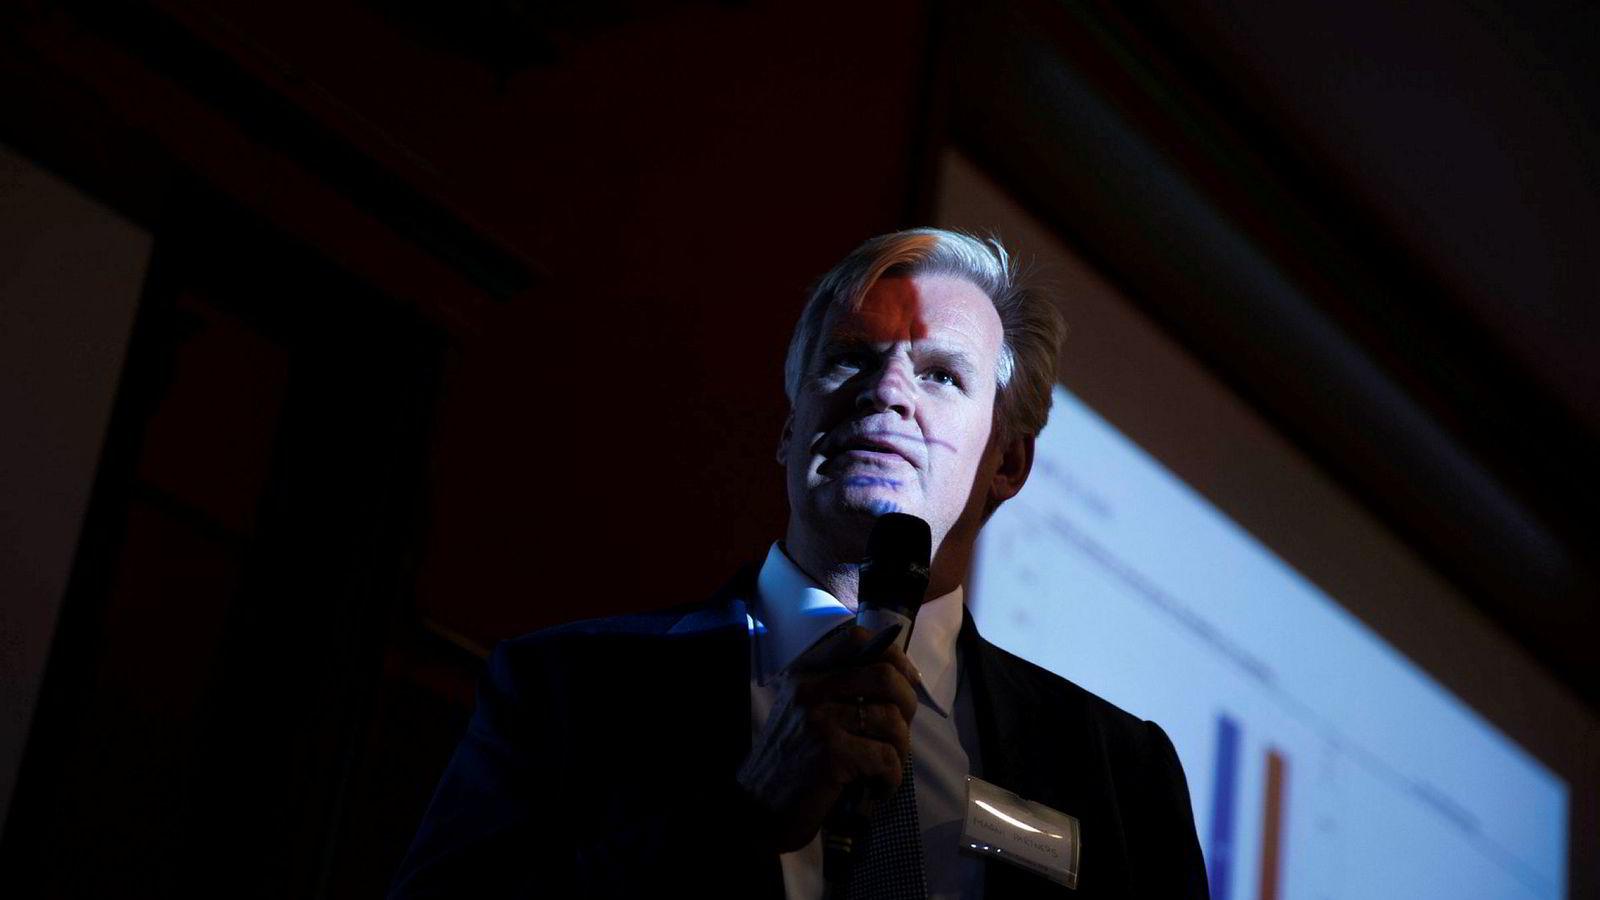 Styreleder Tor Olav Trøim i Borr Drilling, enn så lenge.